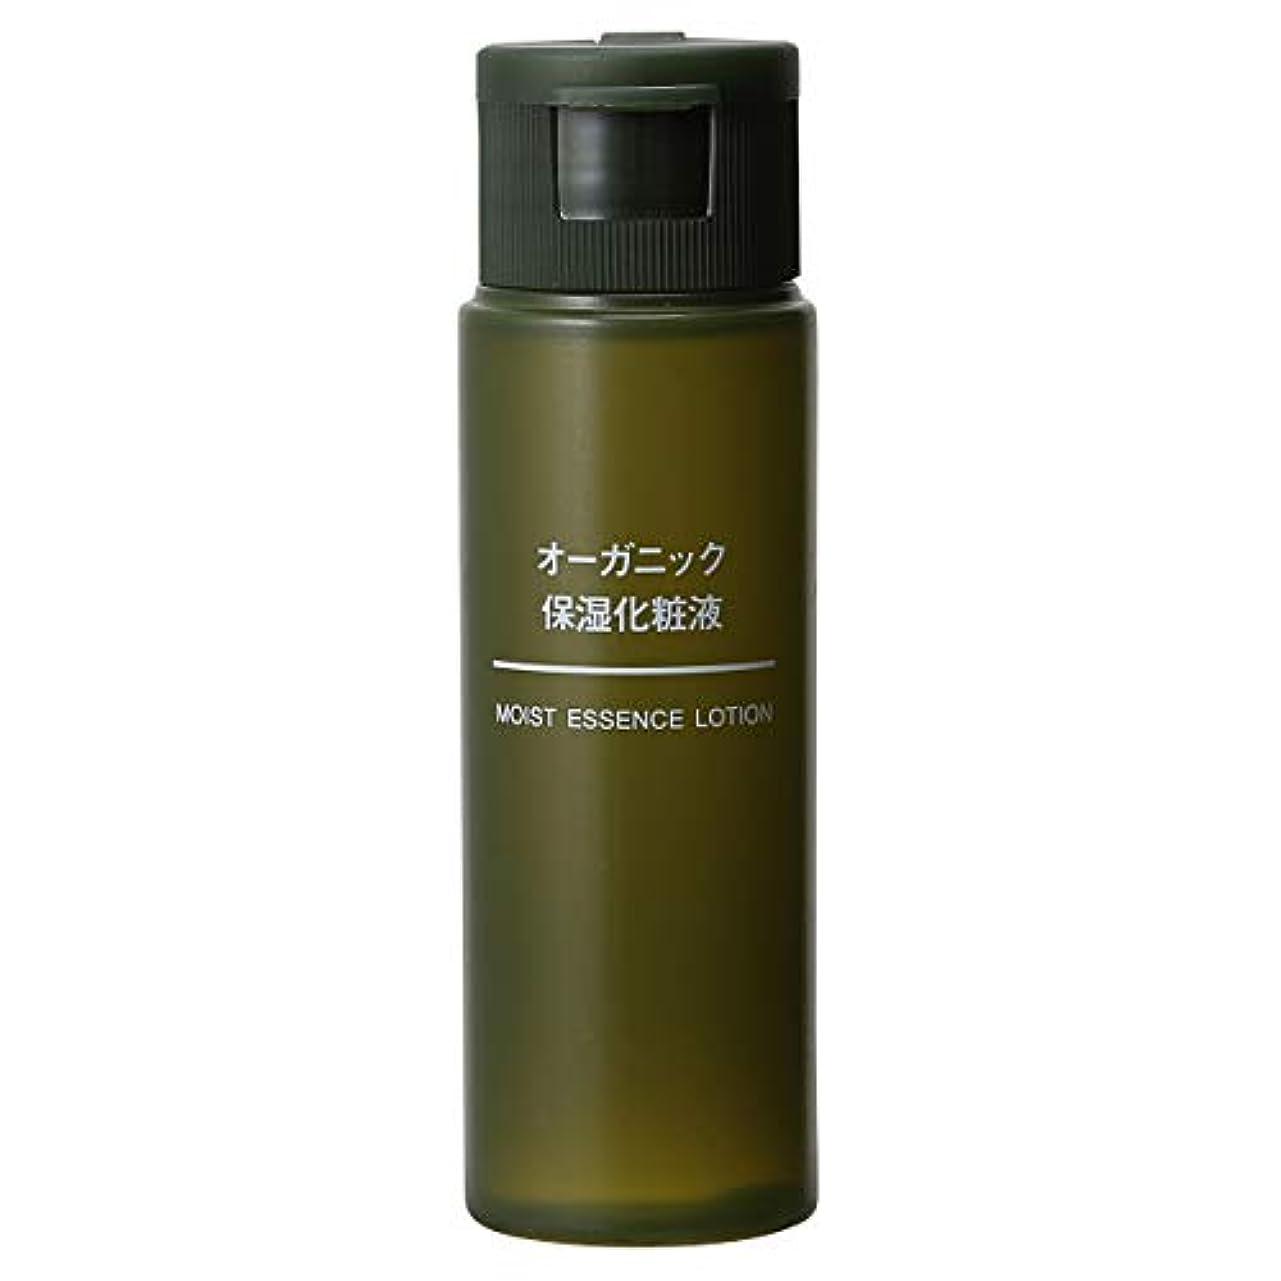 誤訪問構造無印良品 オーガニック保湿化粧液(携帯用) 50ml